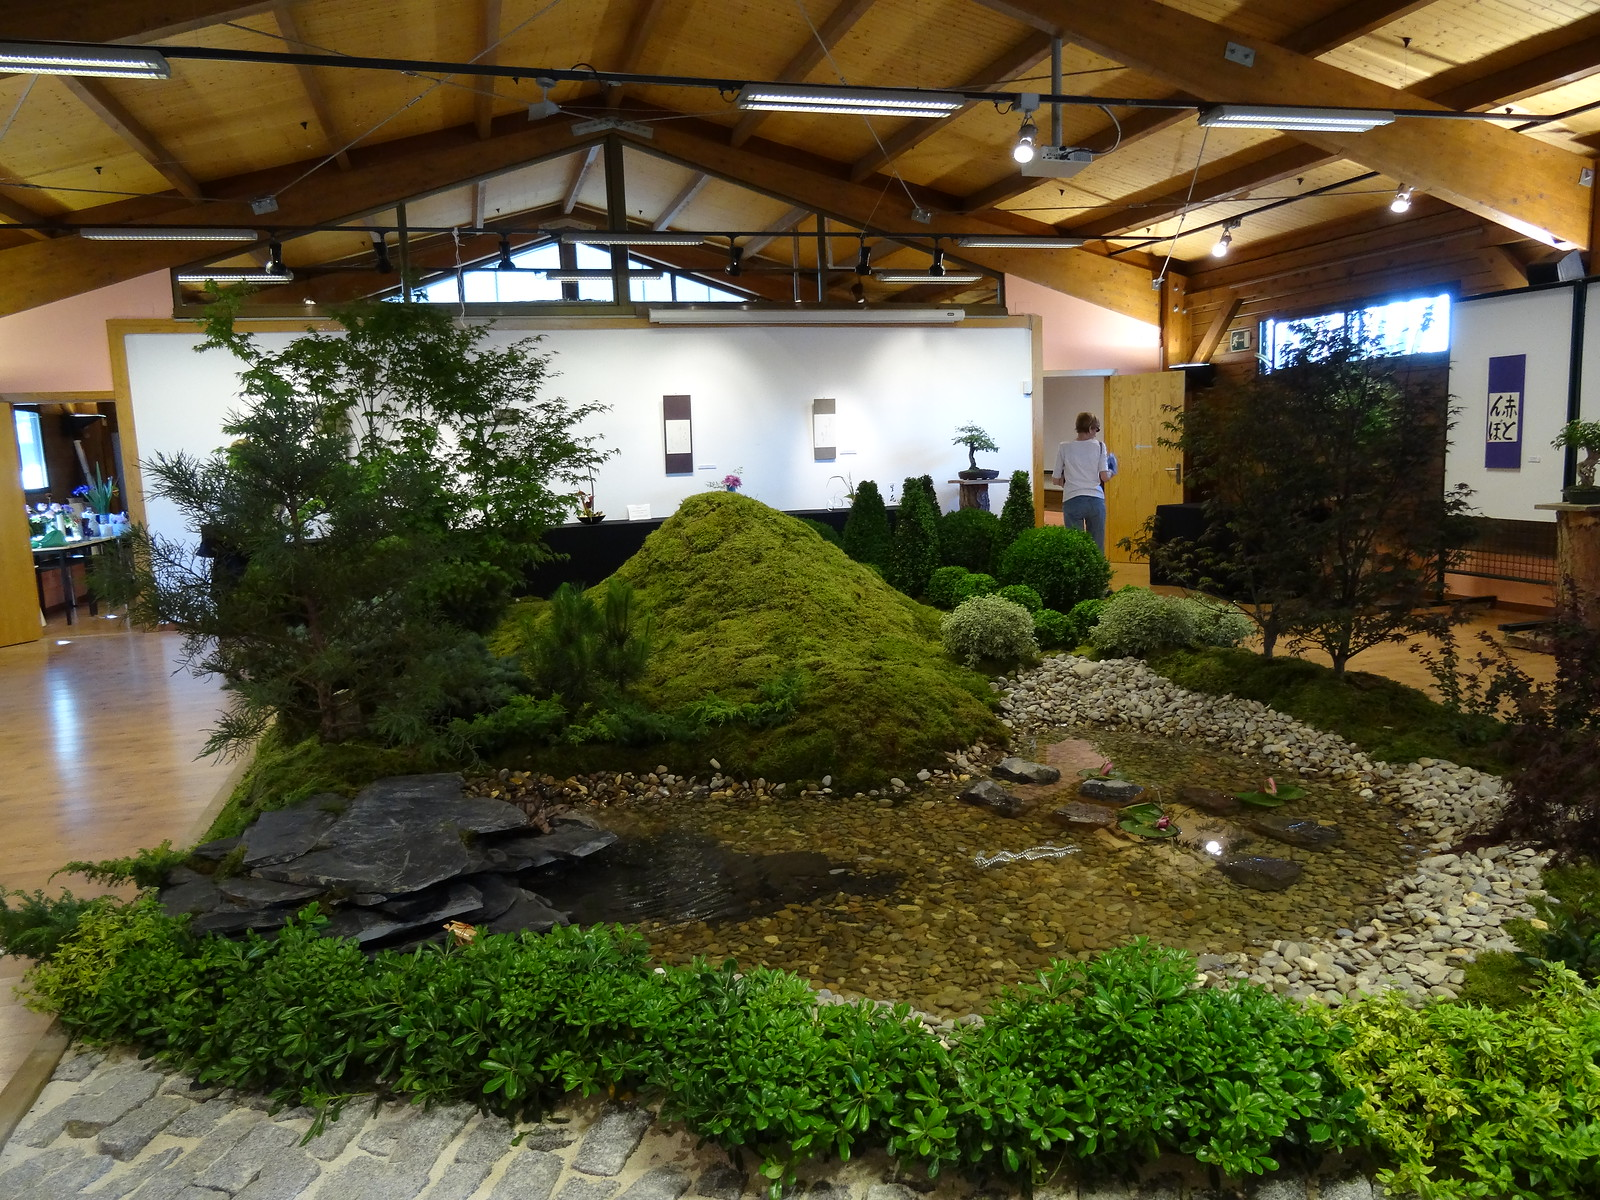 Reproducci n de un jard n japon s unjubilado for Jardin japones horarios